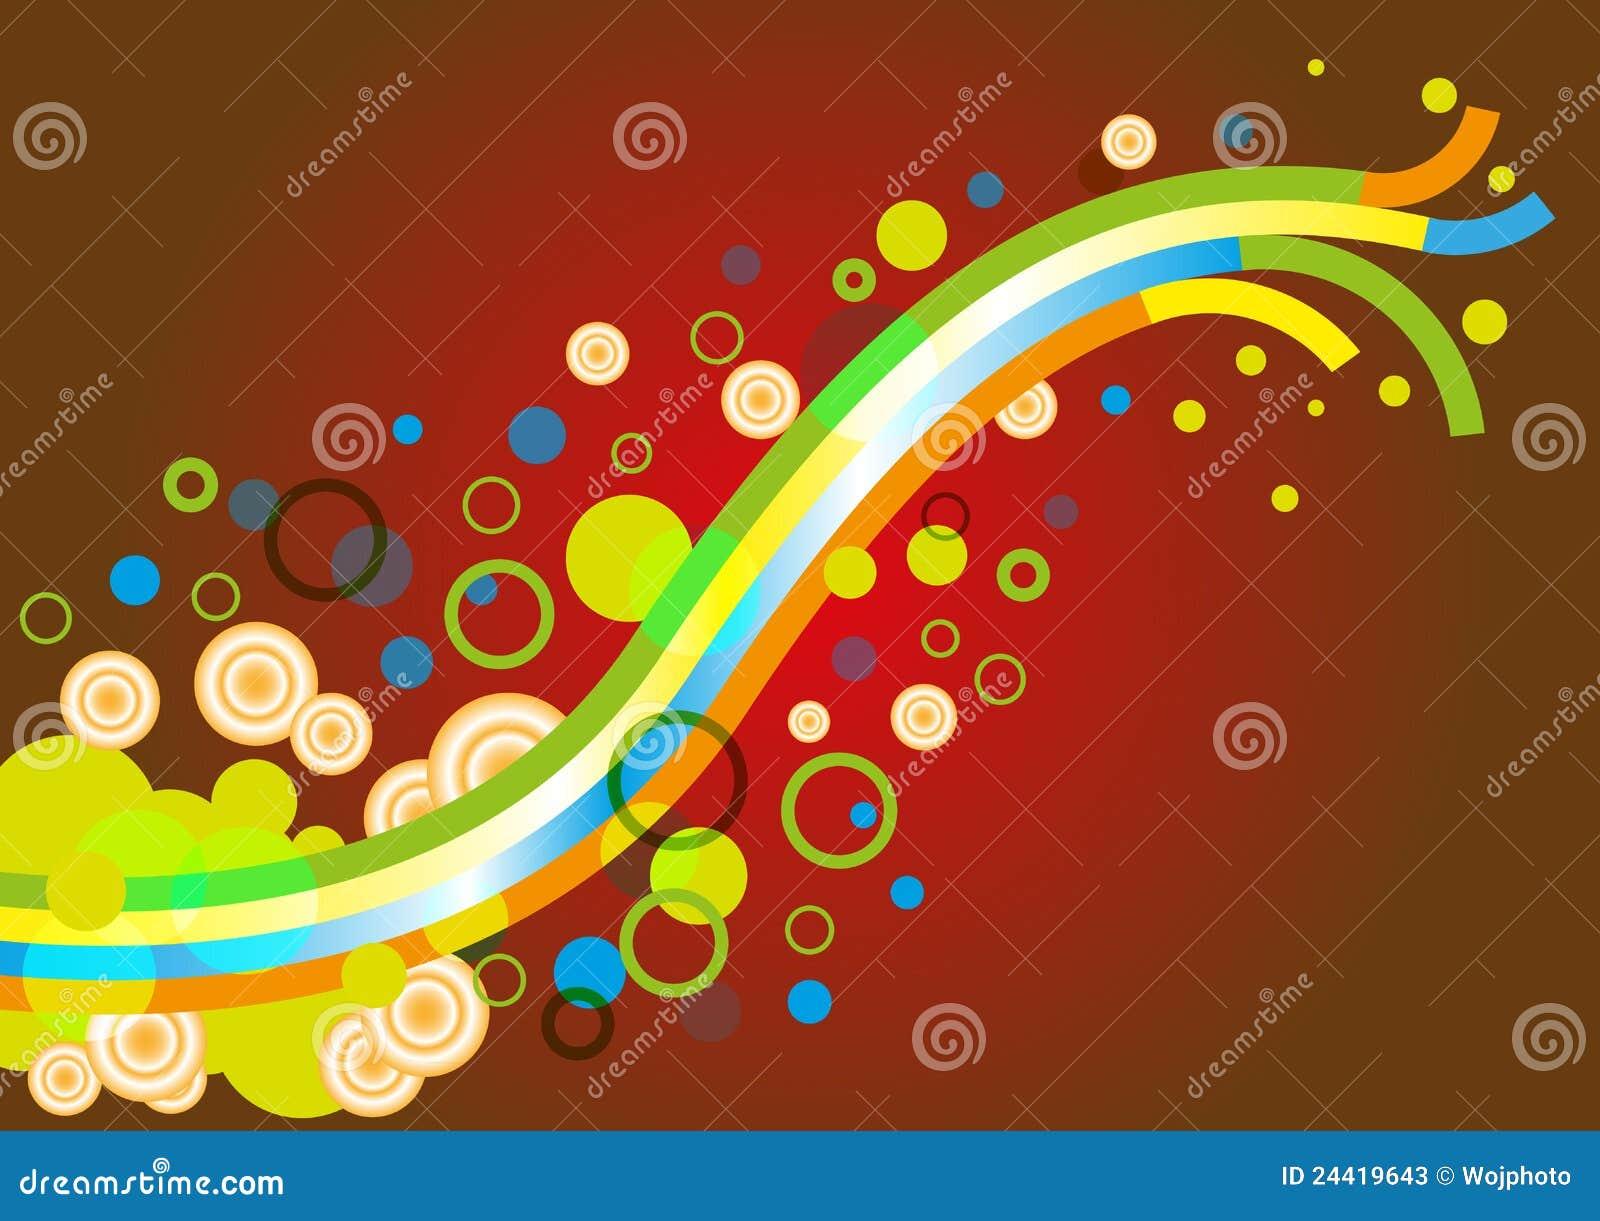 Esporte Tileable Papel De Parede Colorido: Papel De Parede Colorido Abstrato Do Fundo Ilustração